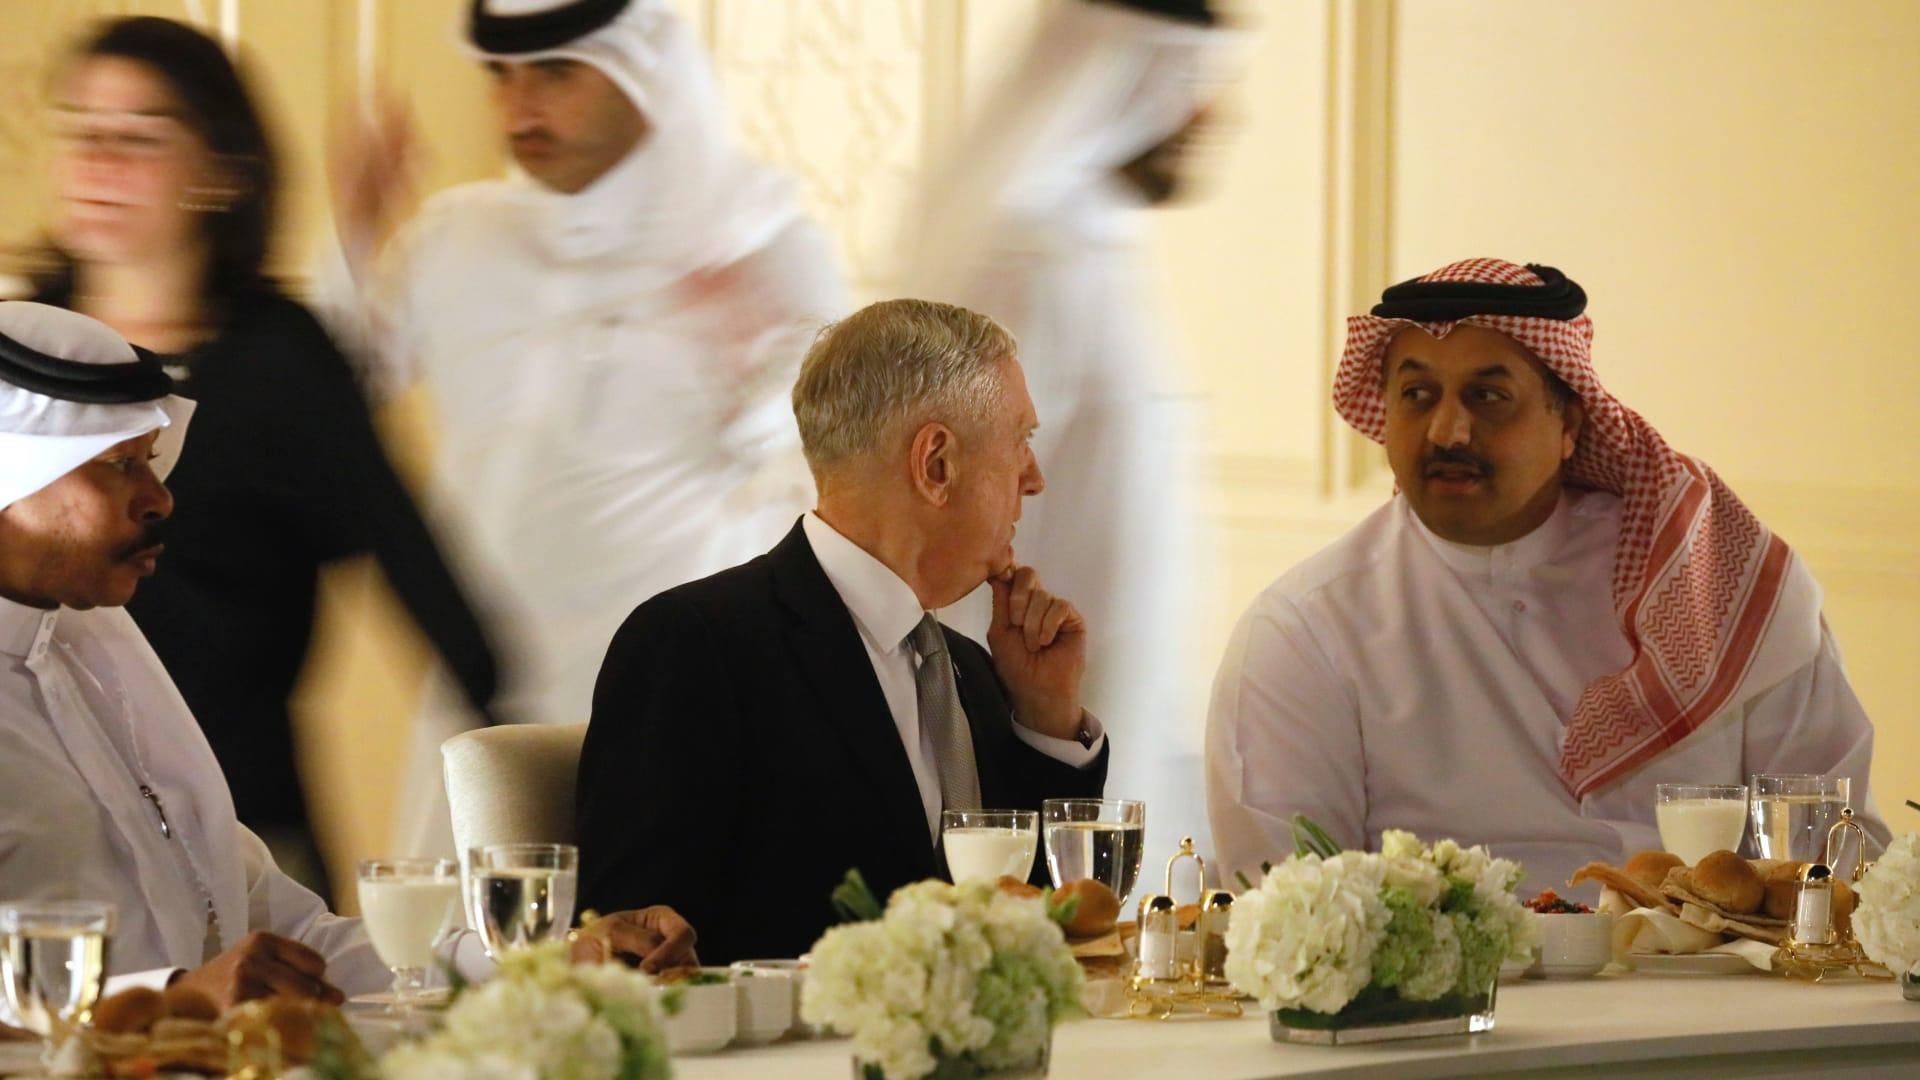 وزير الدفاع الأمريكي يؤكد أهمية مساهمة قطر في التحالف ضد داعش